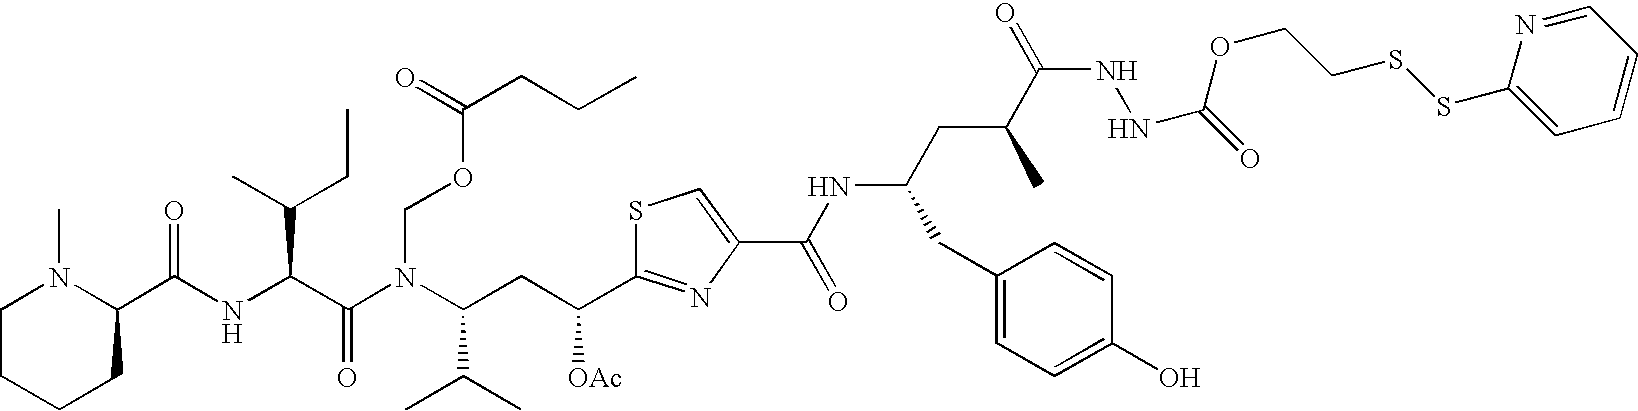 Figure US09138484-20150922-C00087